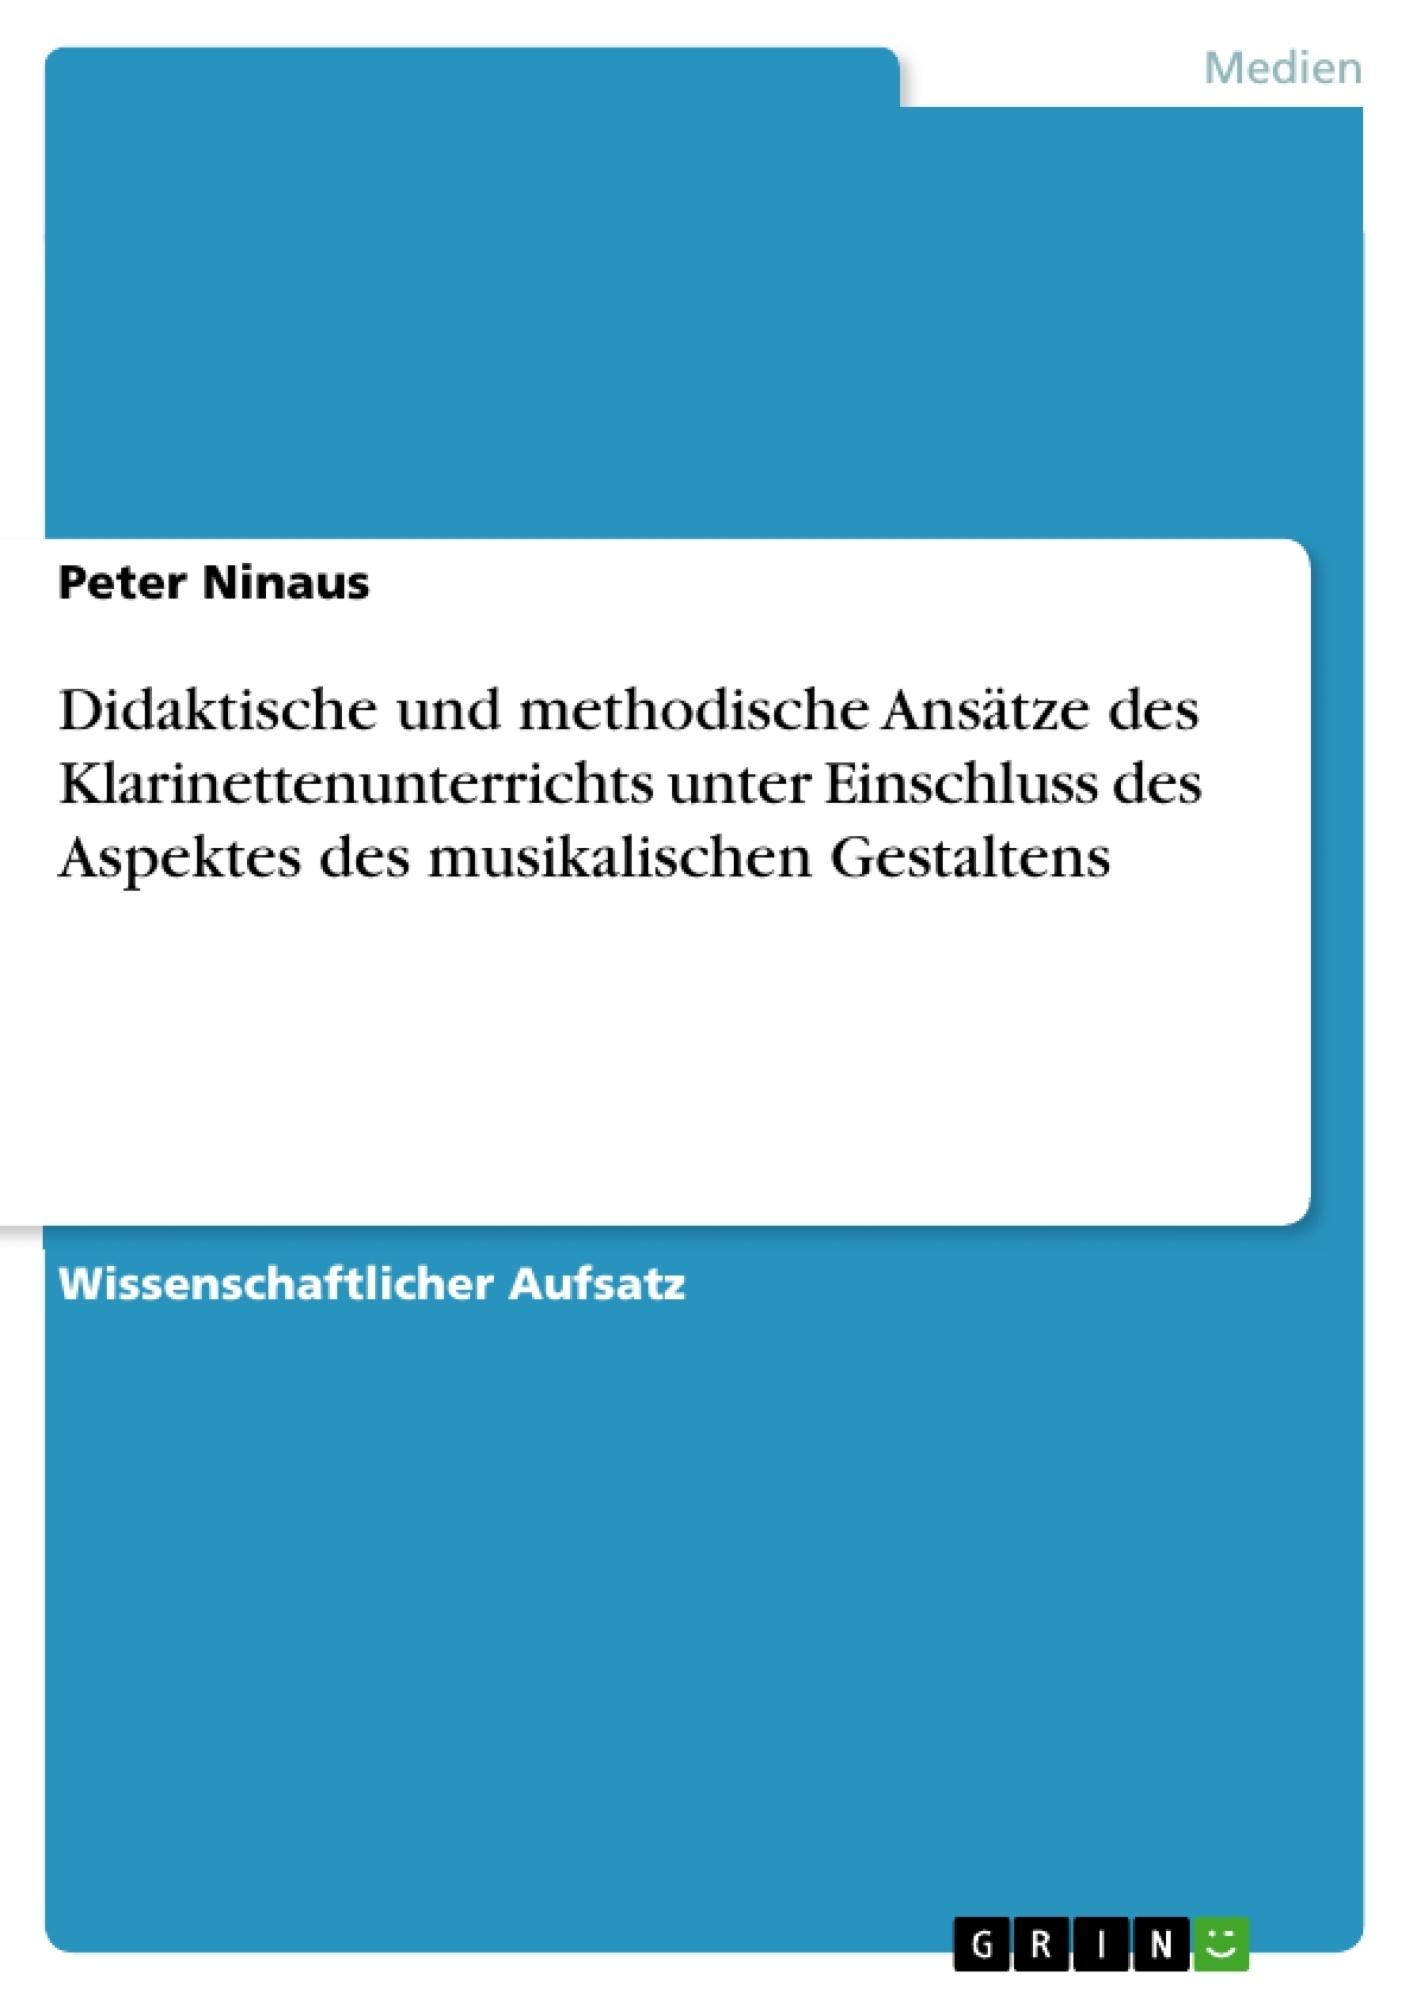 Titel: Didaktische und methodische Ansätze des Klarinettenunterrichts unter Einschluss des Aspektes des musikalischen Gestaltens